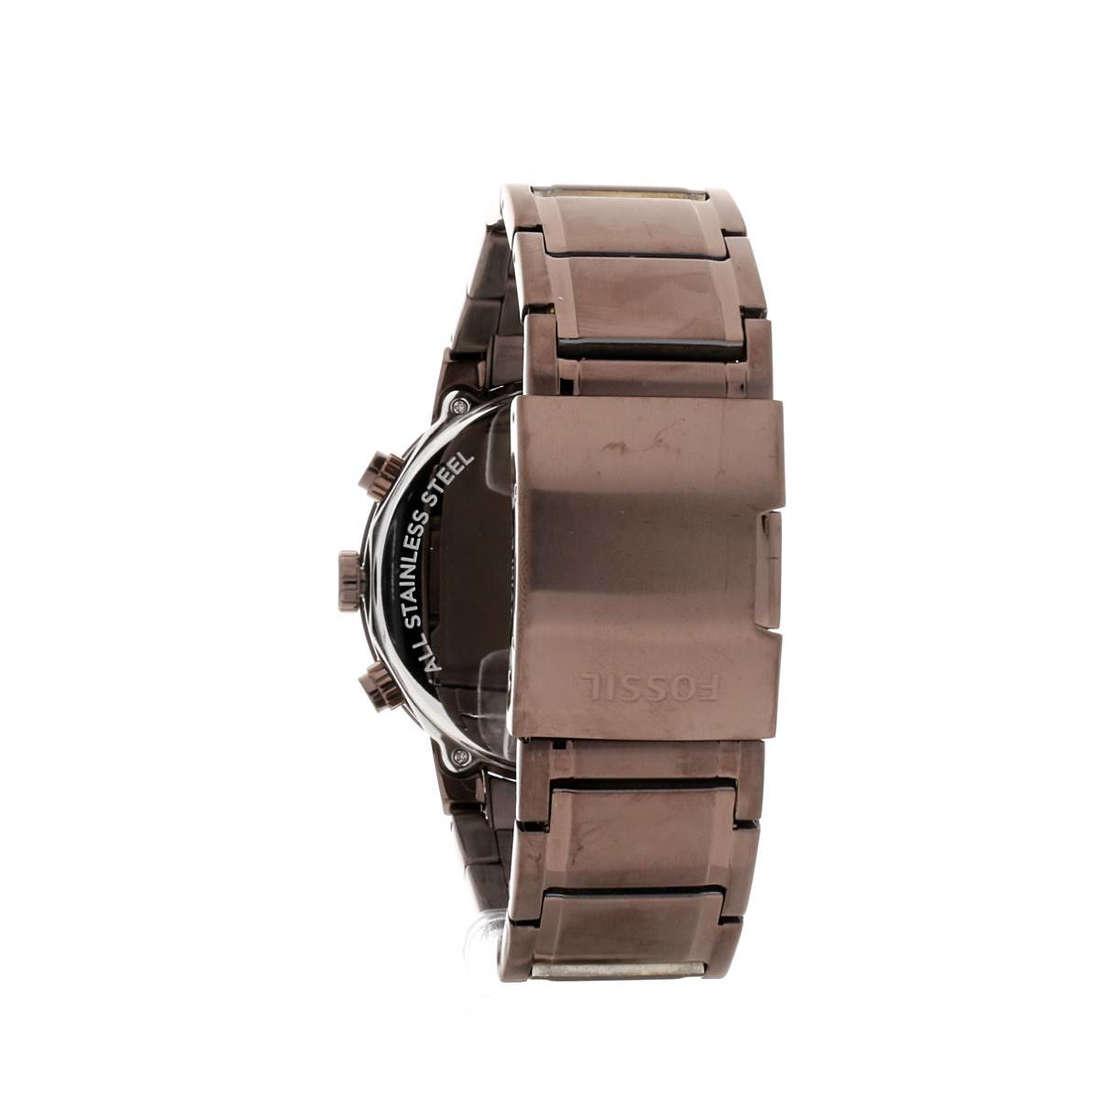 nouvelles montres homme Fossil FS4357